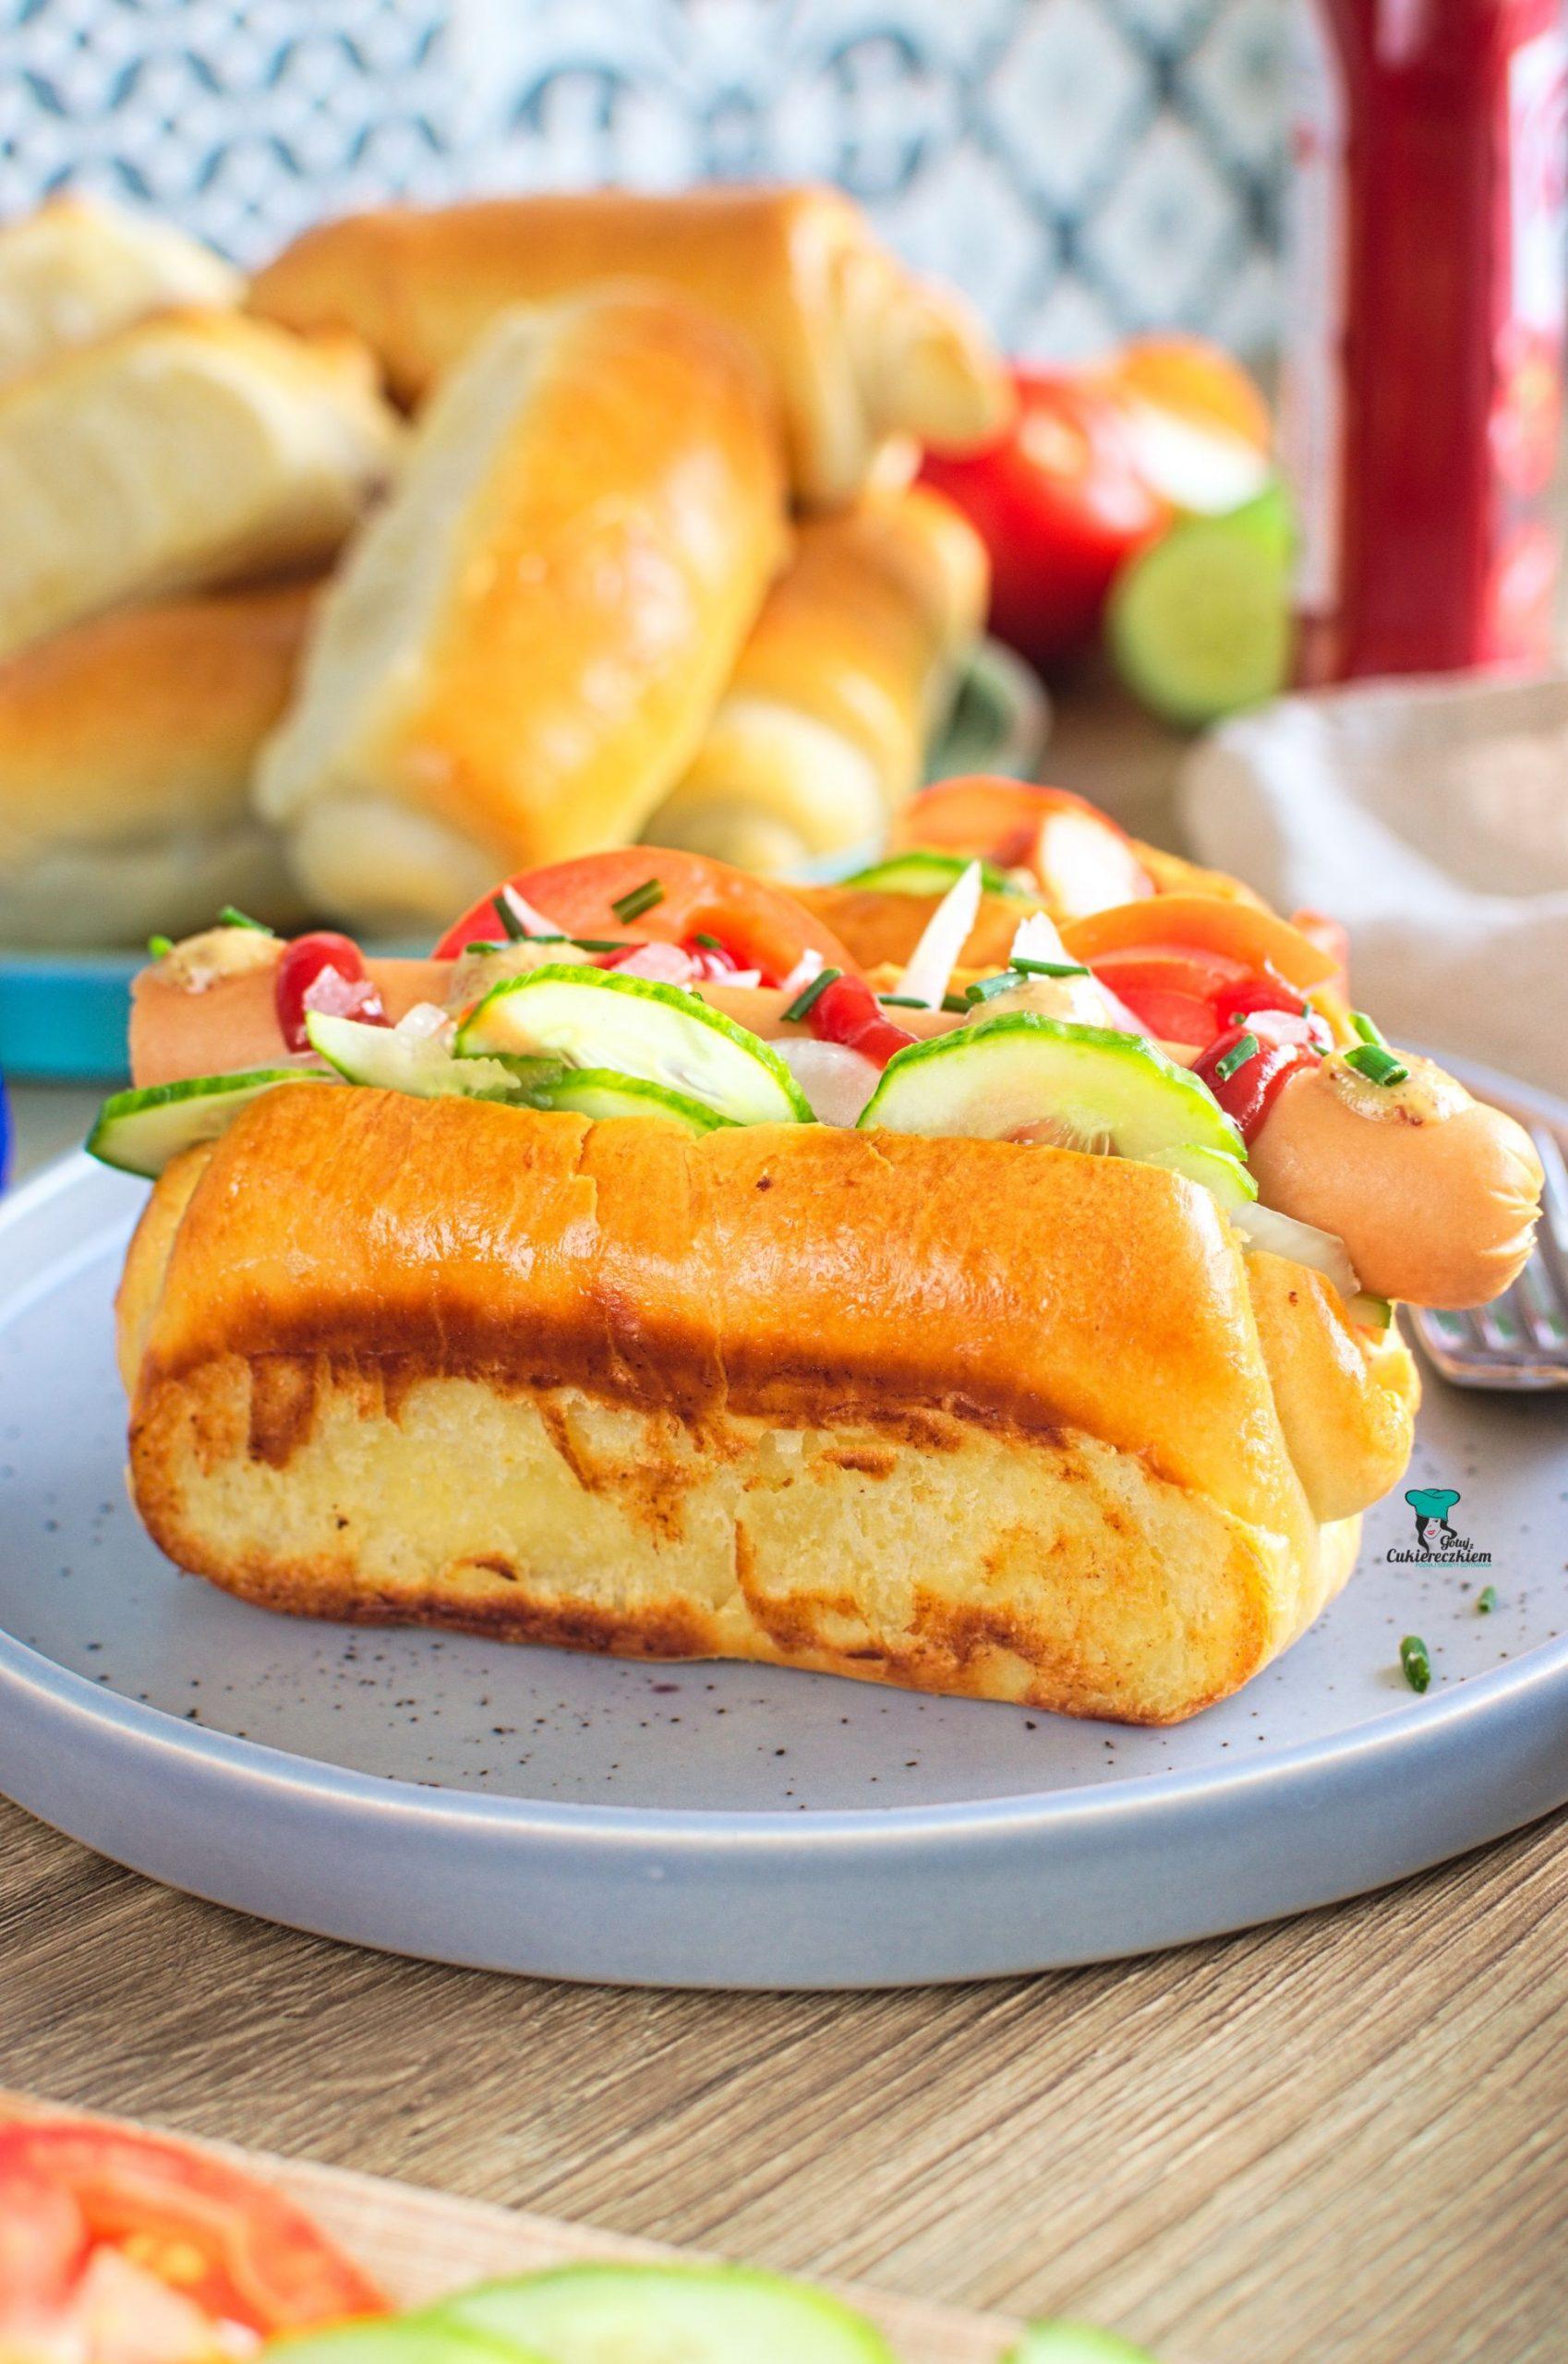 Nowoangielskie bułki do hot dogów